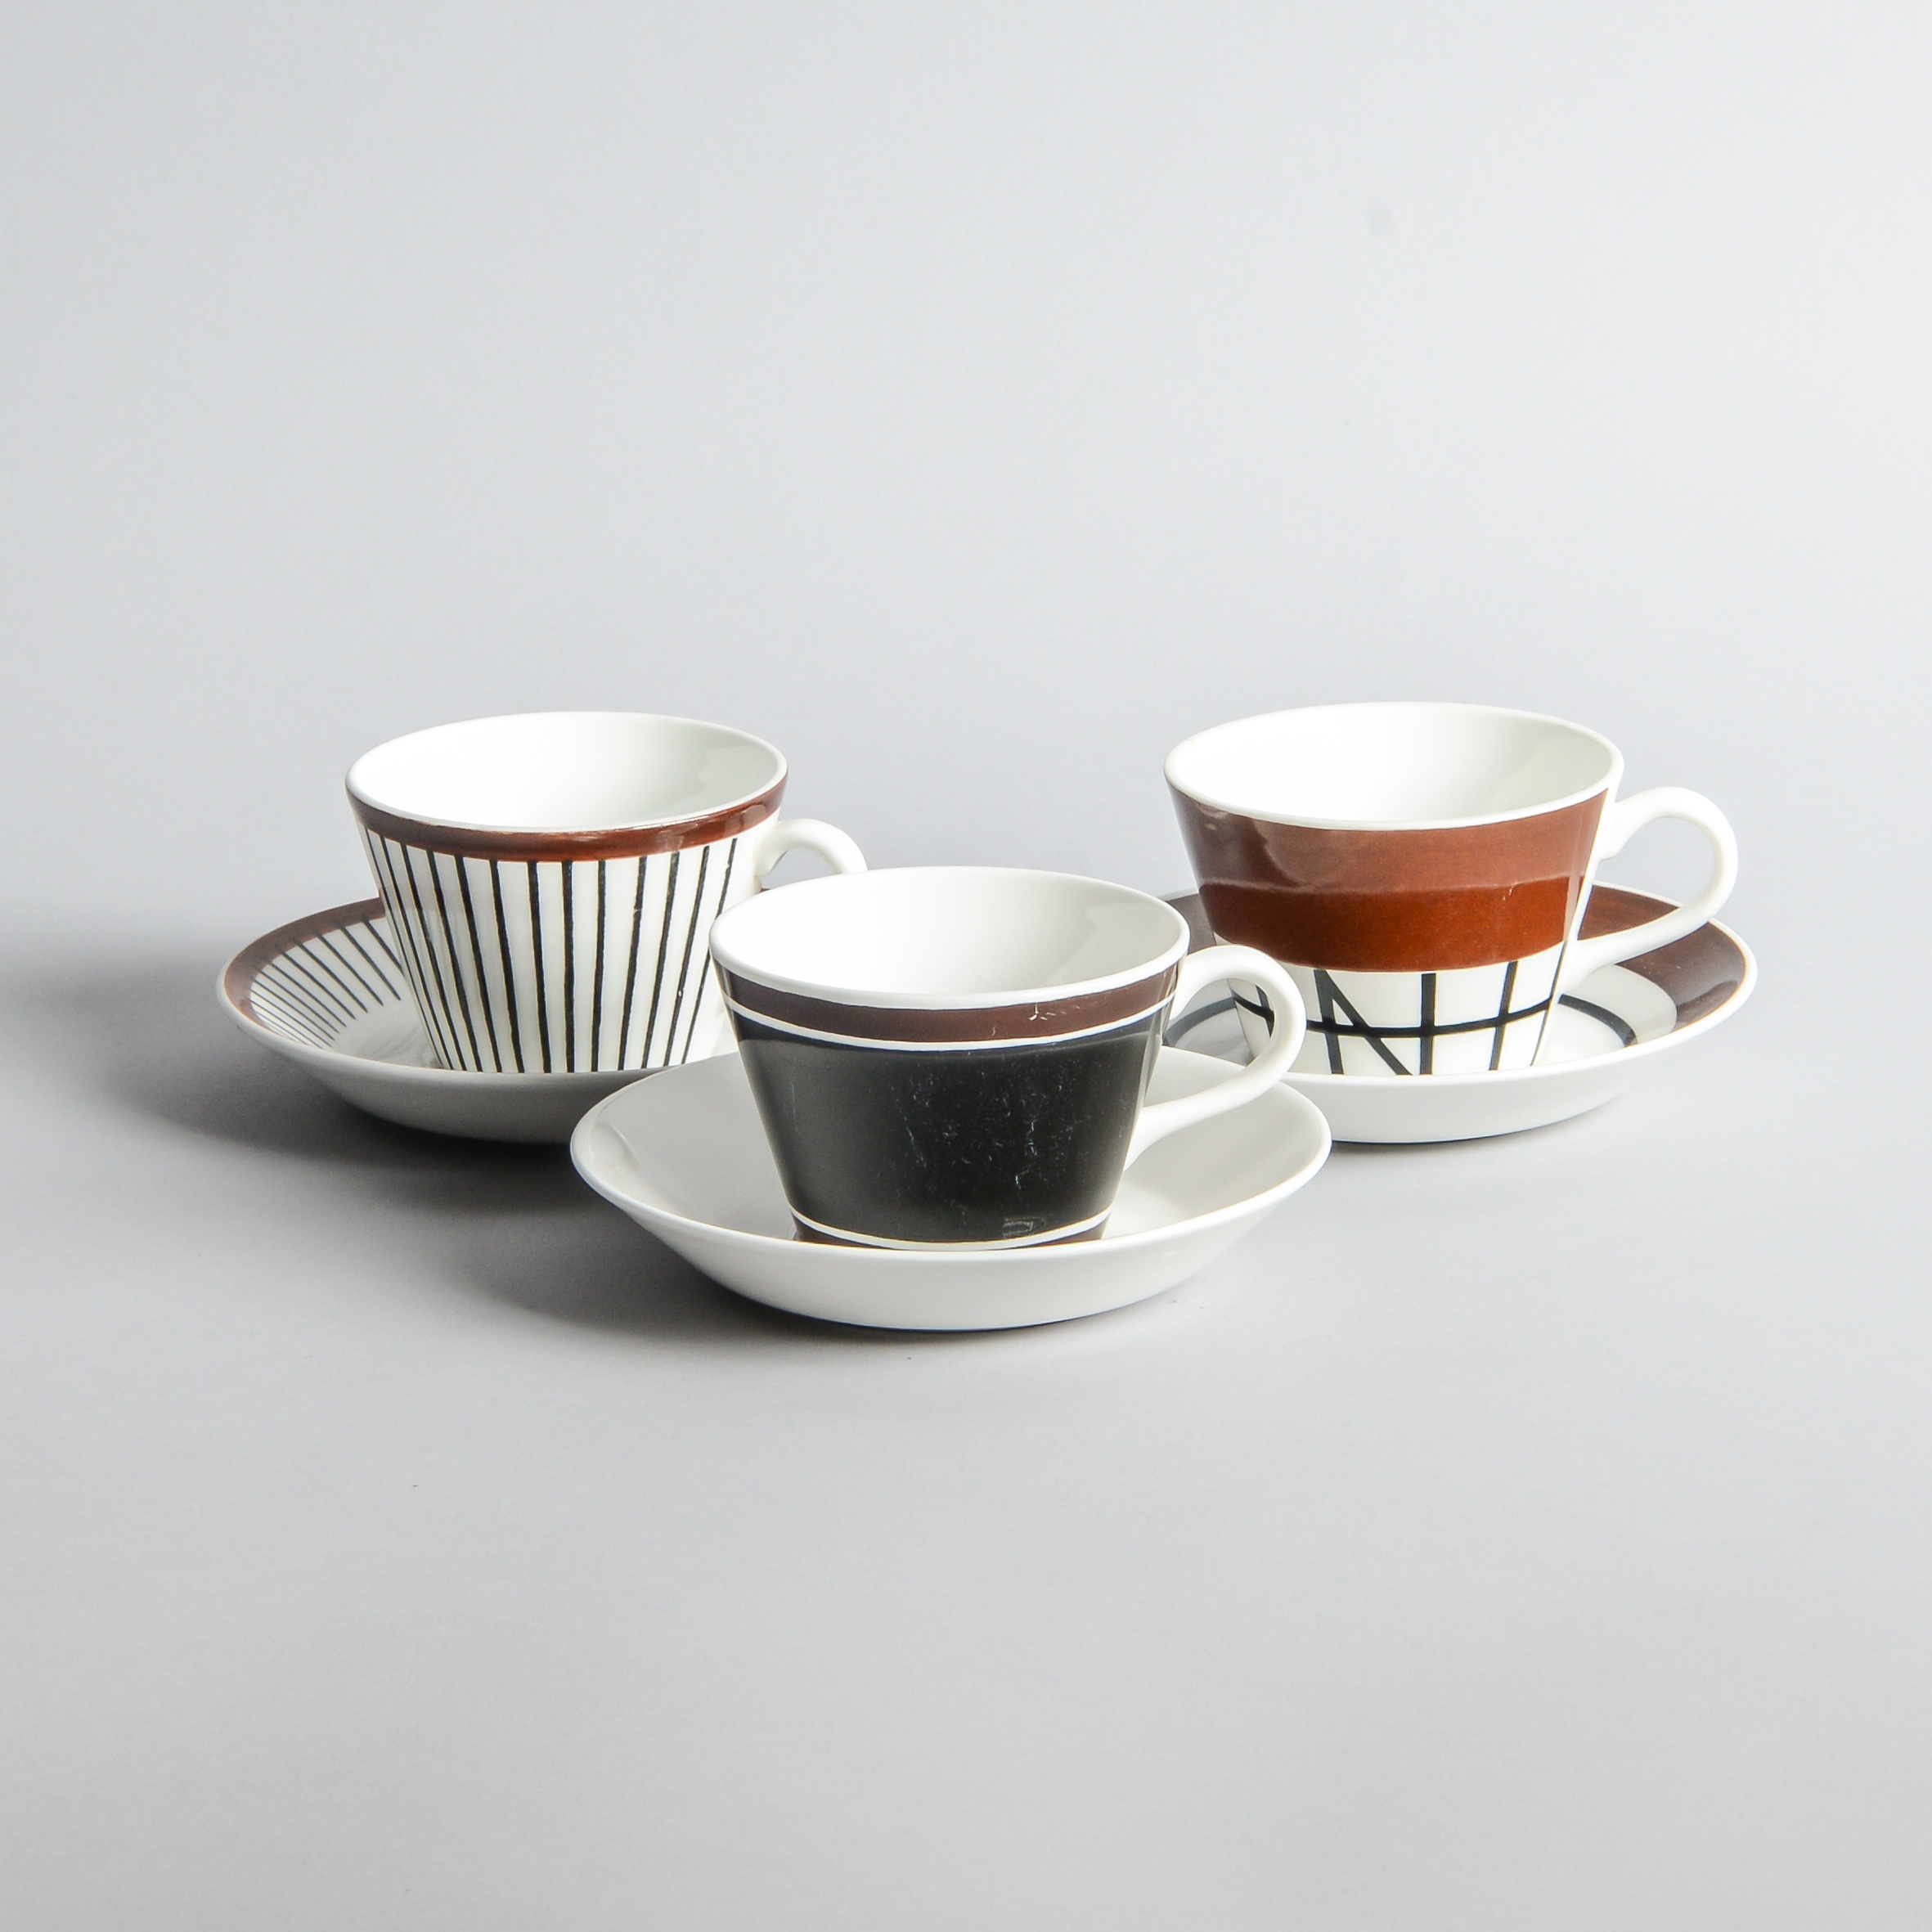 """Gustavsberg - Kaffekoppar """"Terra"""", """"Spisa Ribb"""" och """"Korsvirke"""""""